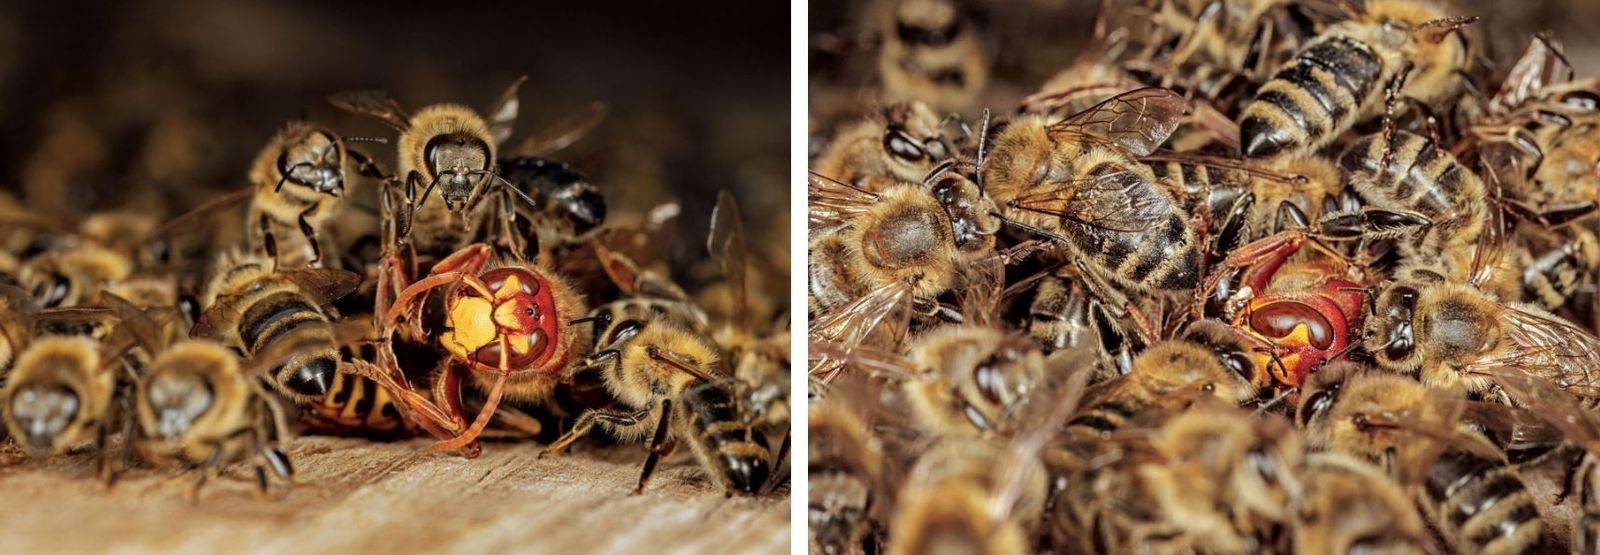 Lorsqu'un frelon s'approche, elles le plaquent et s'agglutinent autour de lui pour l'empêcher de s'enfuir.